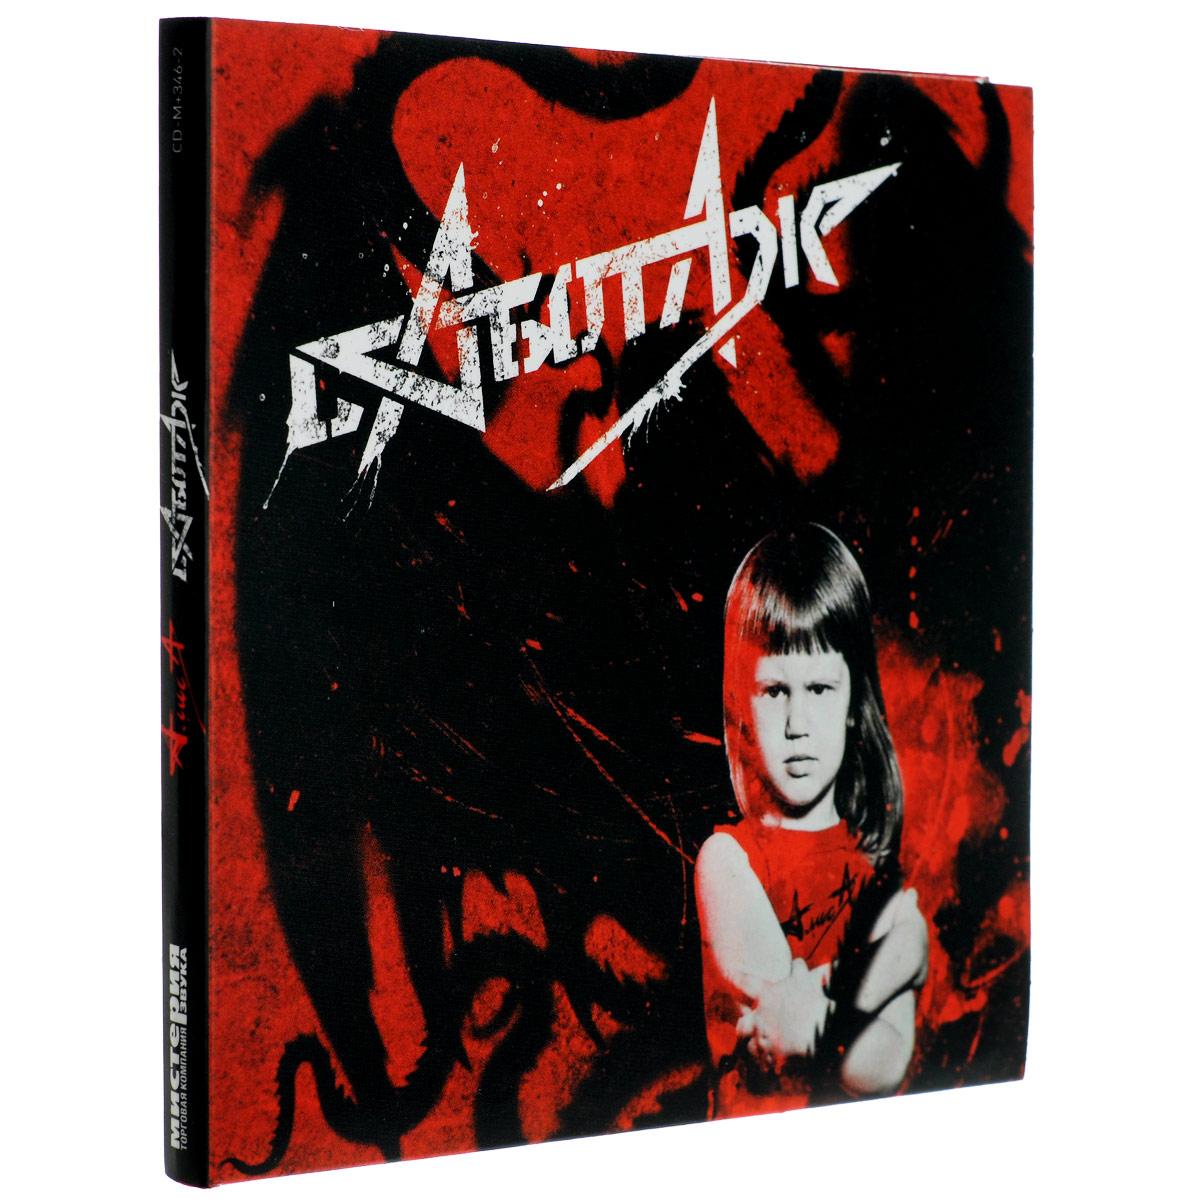 Издание упаковано в картонный DigiPack размером 14 х 19 см с 32-страничным буклетом-книгой, закрепленным в середине упаковки. Буклет содержит тексты песен на русском языке.